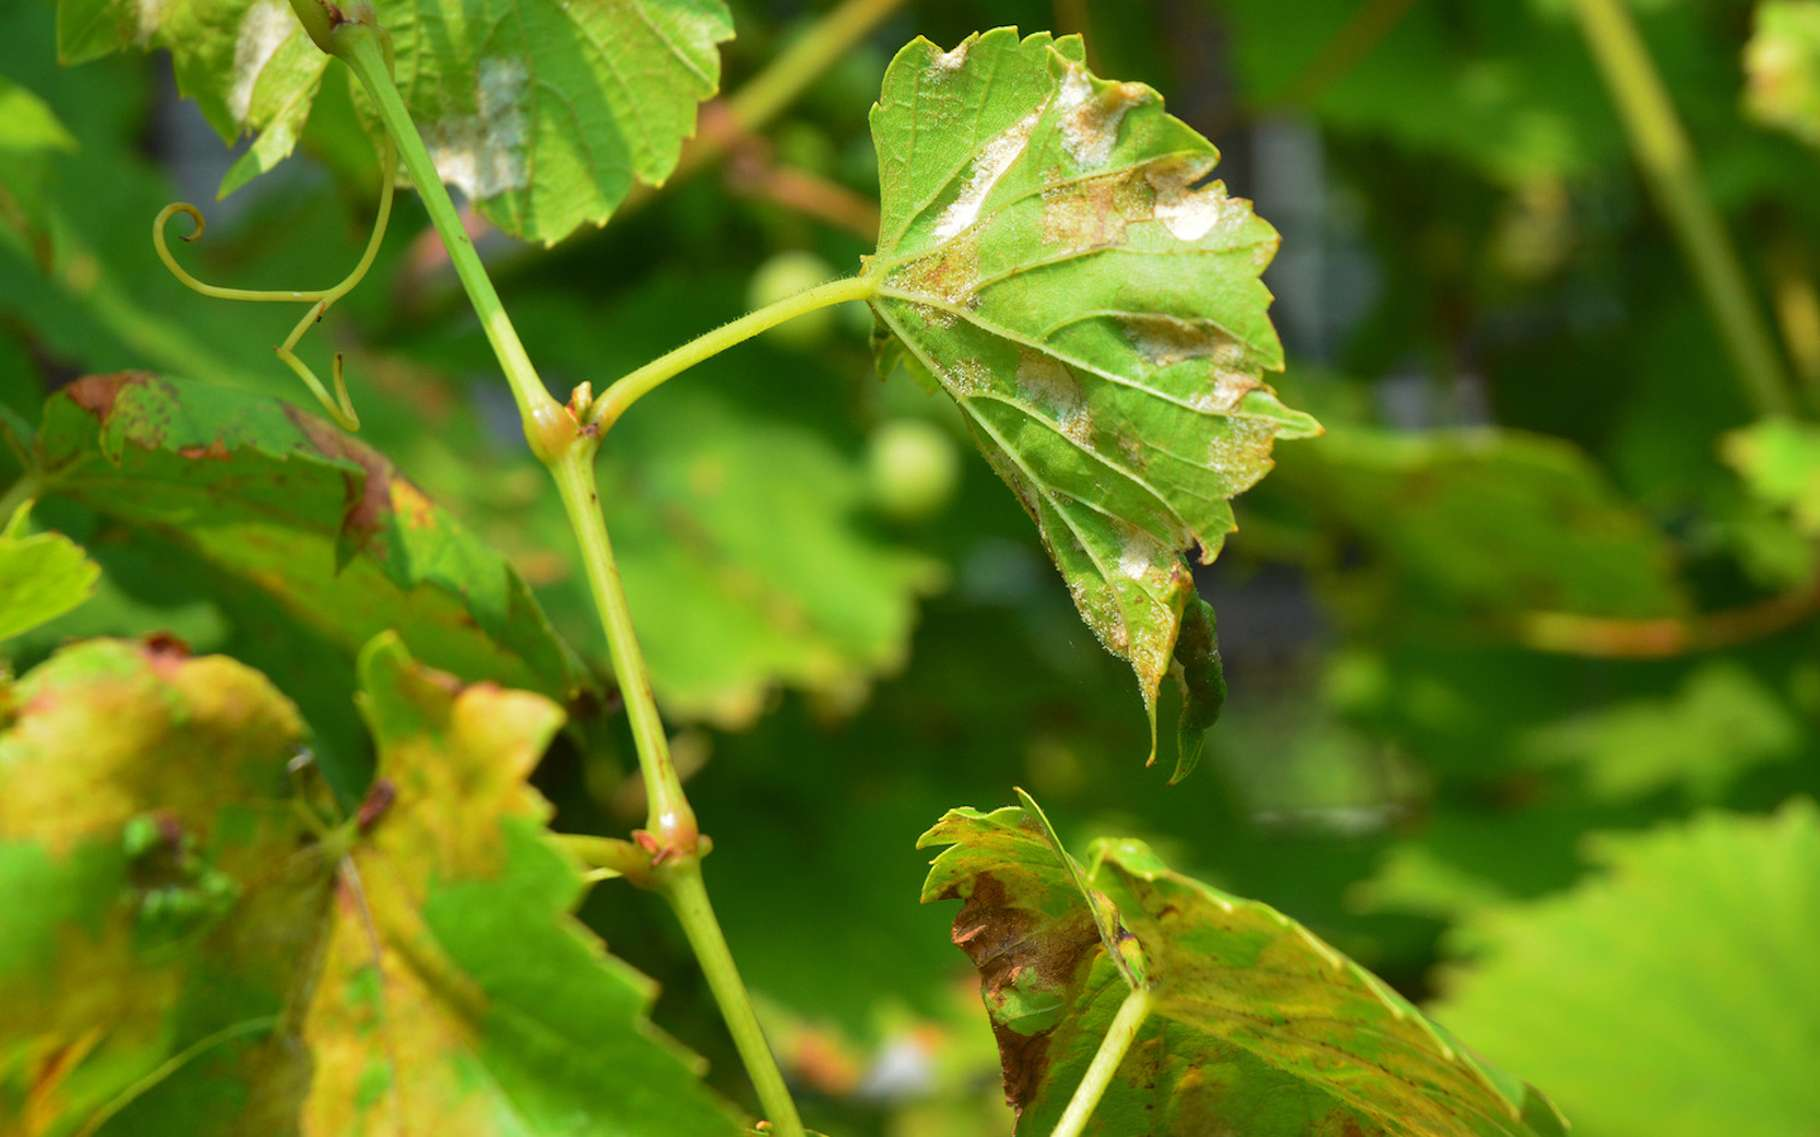 Le mildiou est une maladie qui atteint notamment la vigne. © bildlove, Fotolia